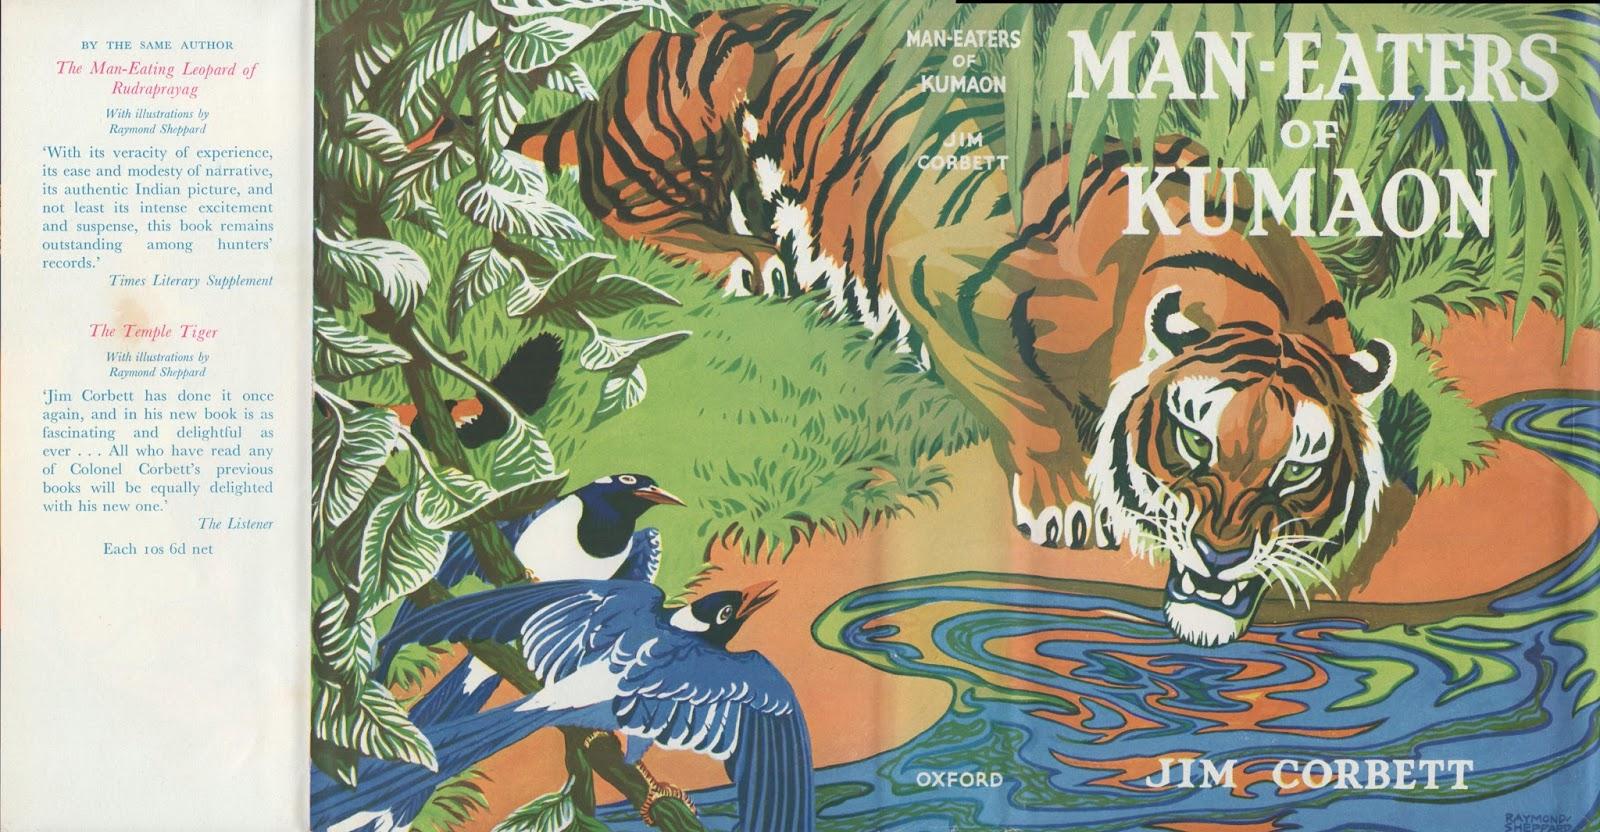 Raymond Sheppard Illustrator: Raymond Sheppard and Man-Eaters of Kumaon